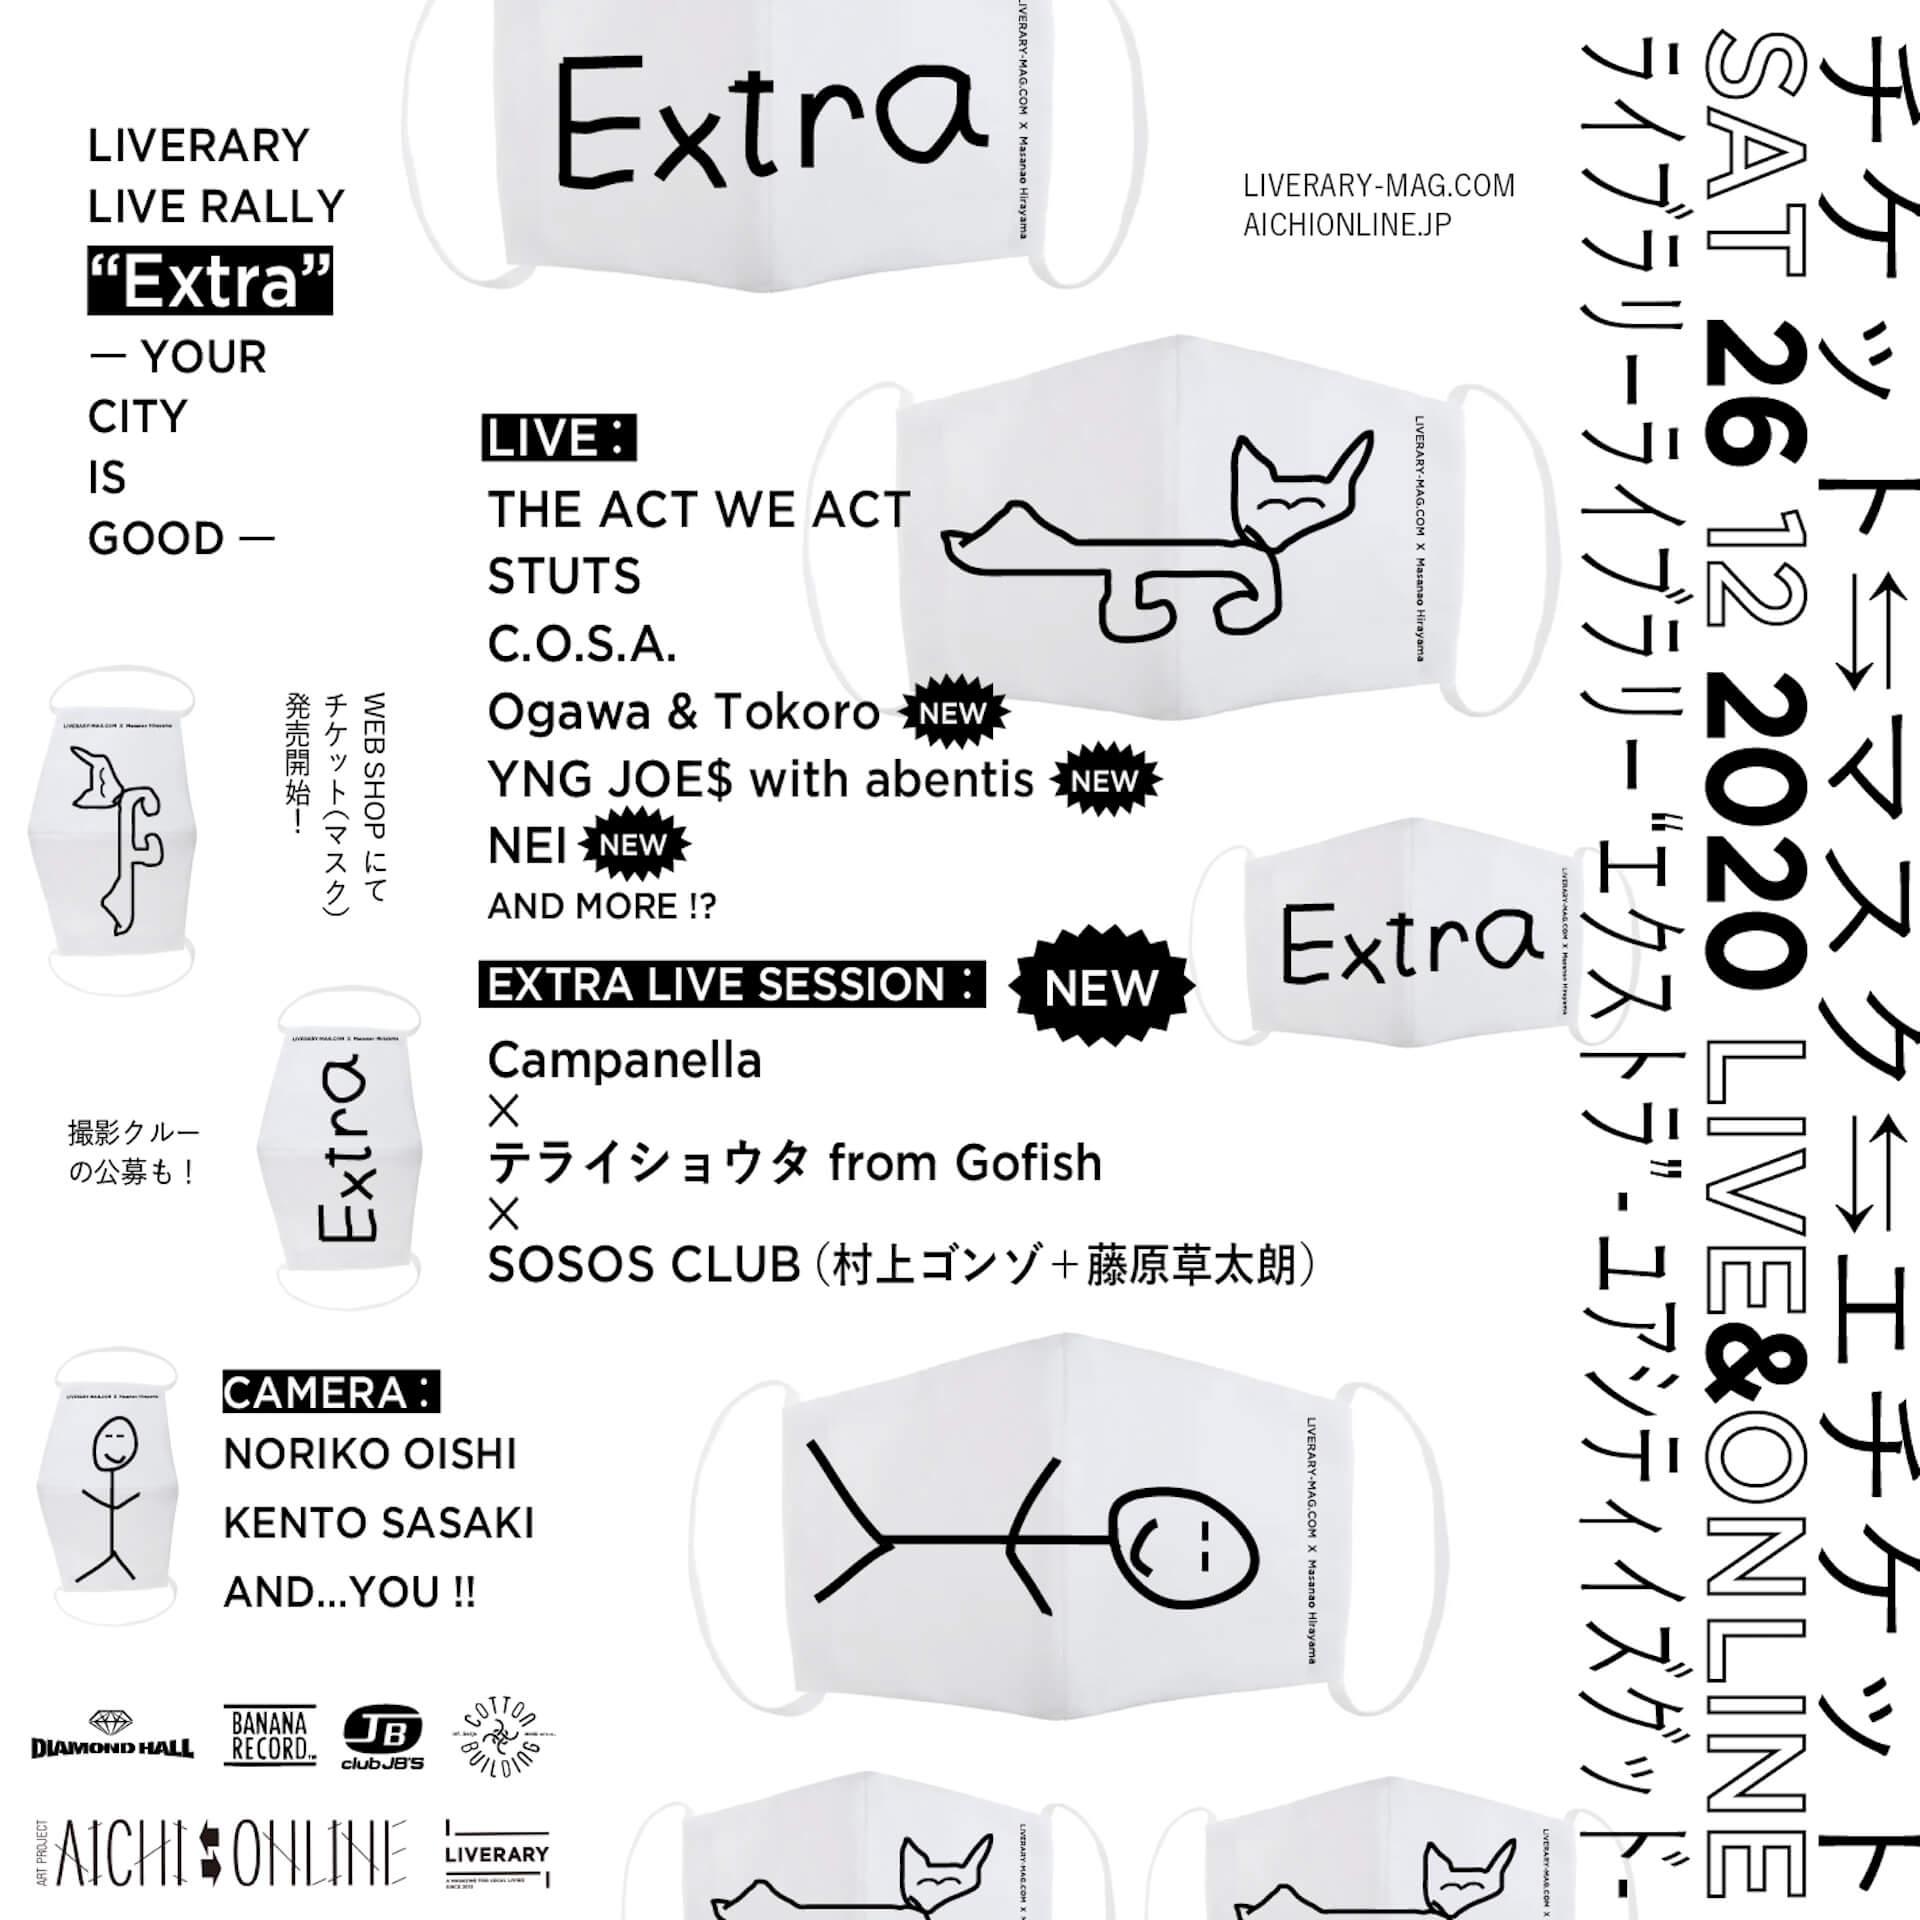 オンライン・アートプロジェクト『AICHI⇆ONLINE』の音楽ジャンルにてライブ&撮影イベントが開催決定!STUTS、C.O.S.A.、Campanellaらが出演 music201211_AICHIONLINE_3